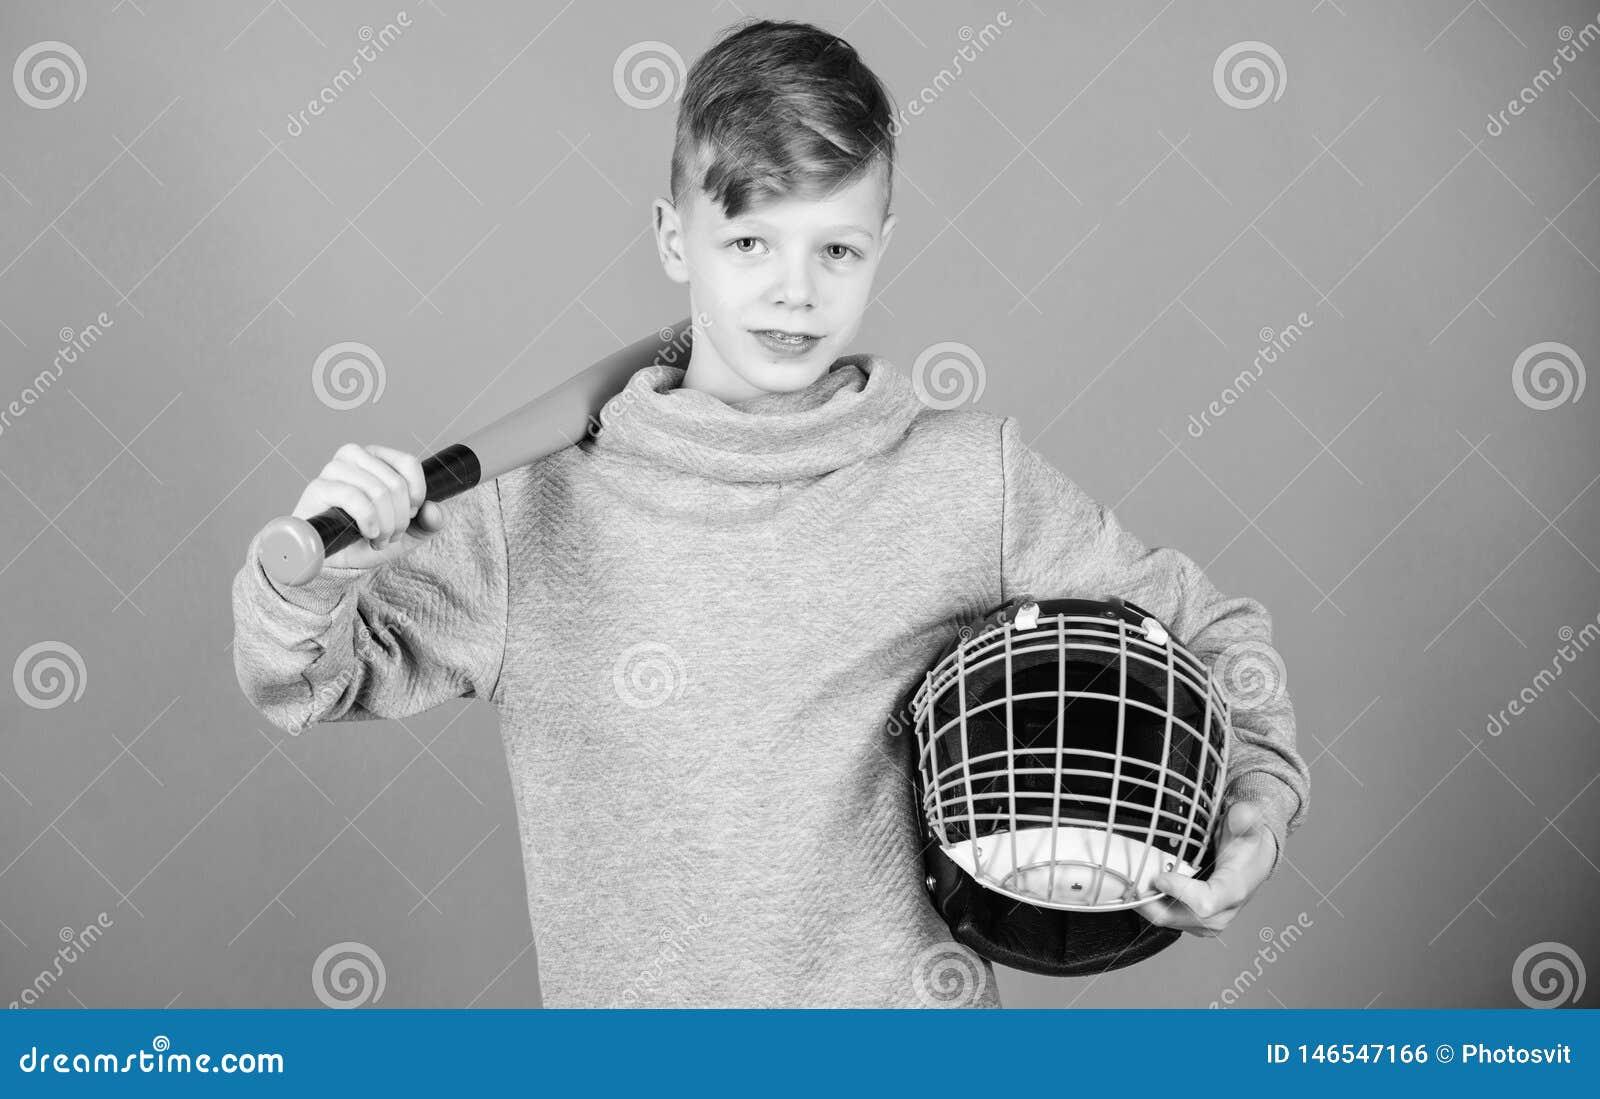 O menino do adolescente gosta do jogo de basebol Lazer e estilo de vida ativos Inf?ncia saud?vel Junte-se ? equipe de beisebol Tr